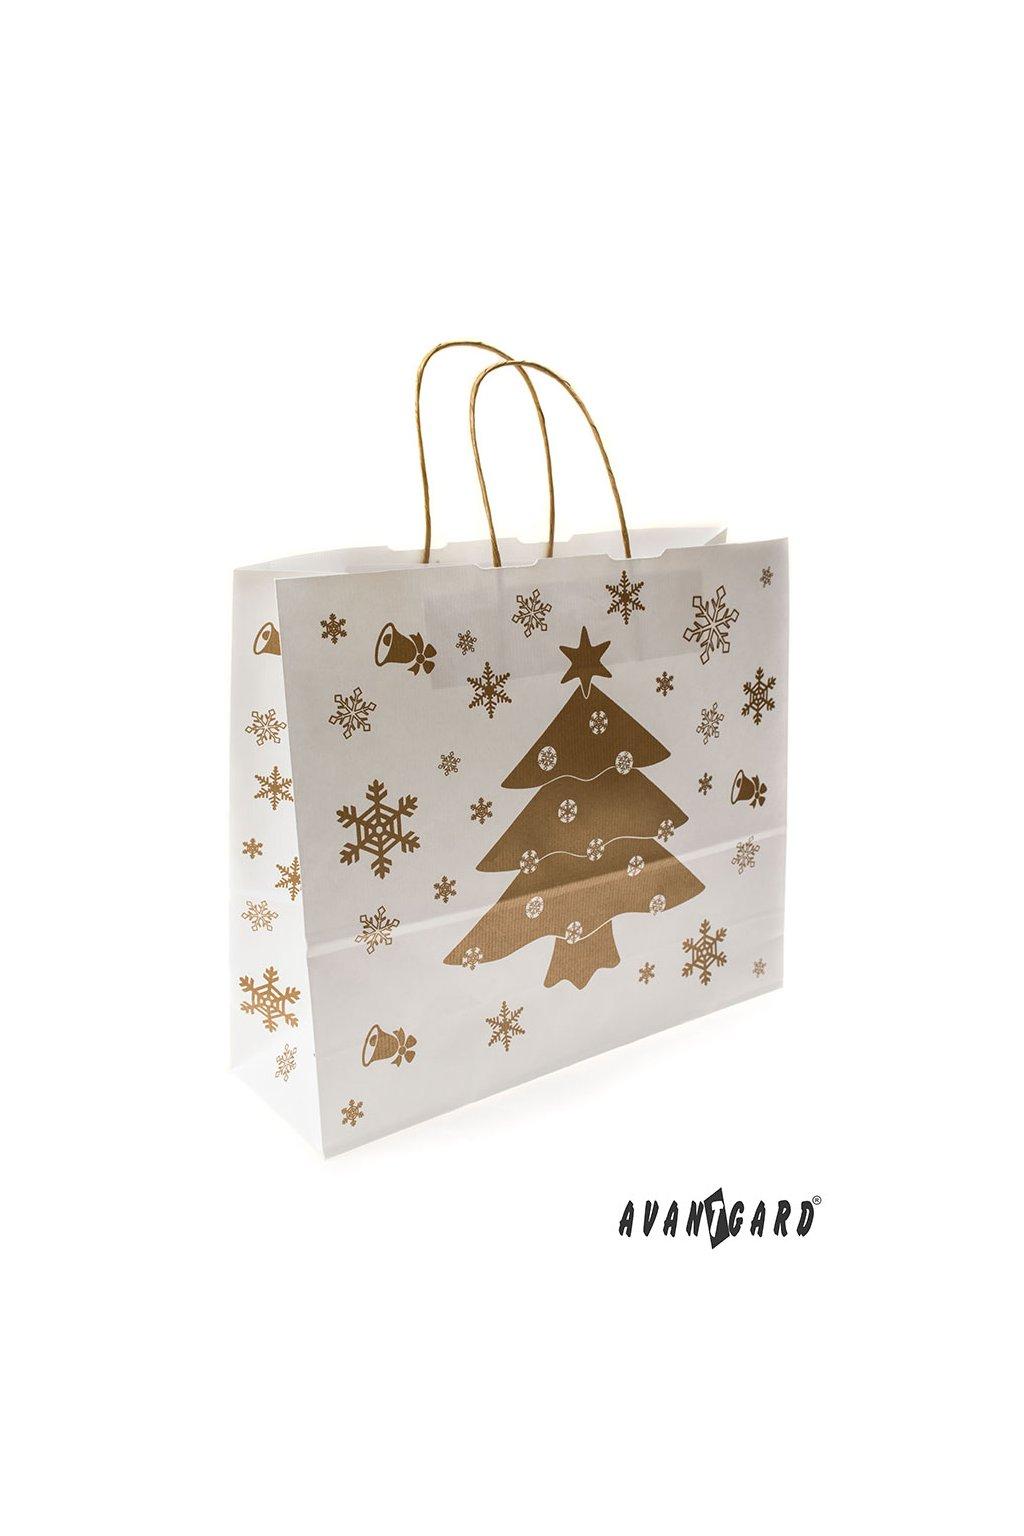 Vánoční dárková taška 360 x 120 x 310 mm bílá/zlatá 939 - 1